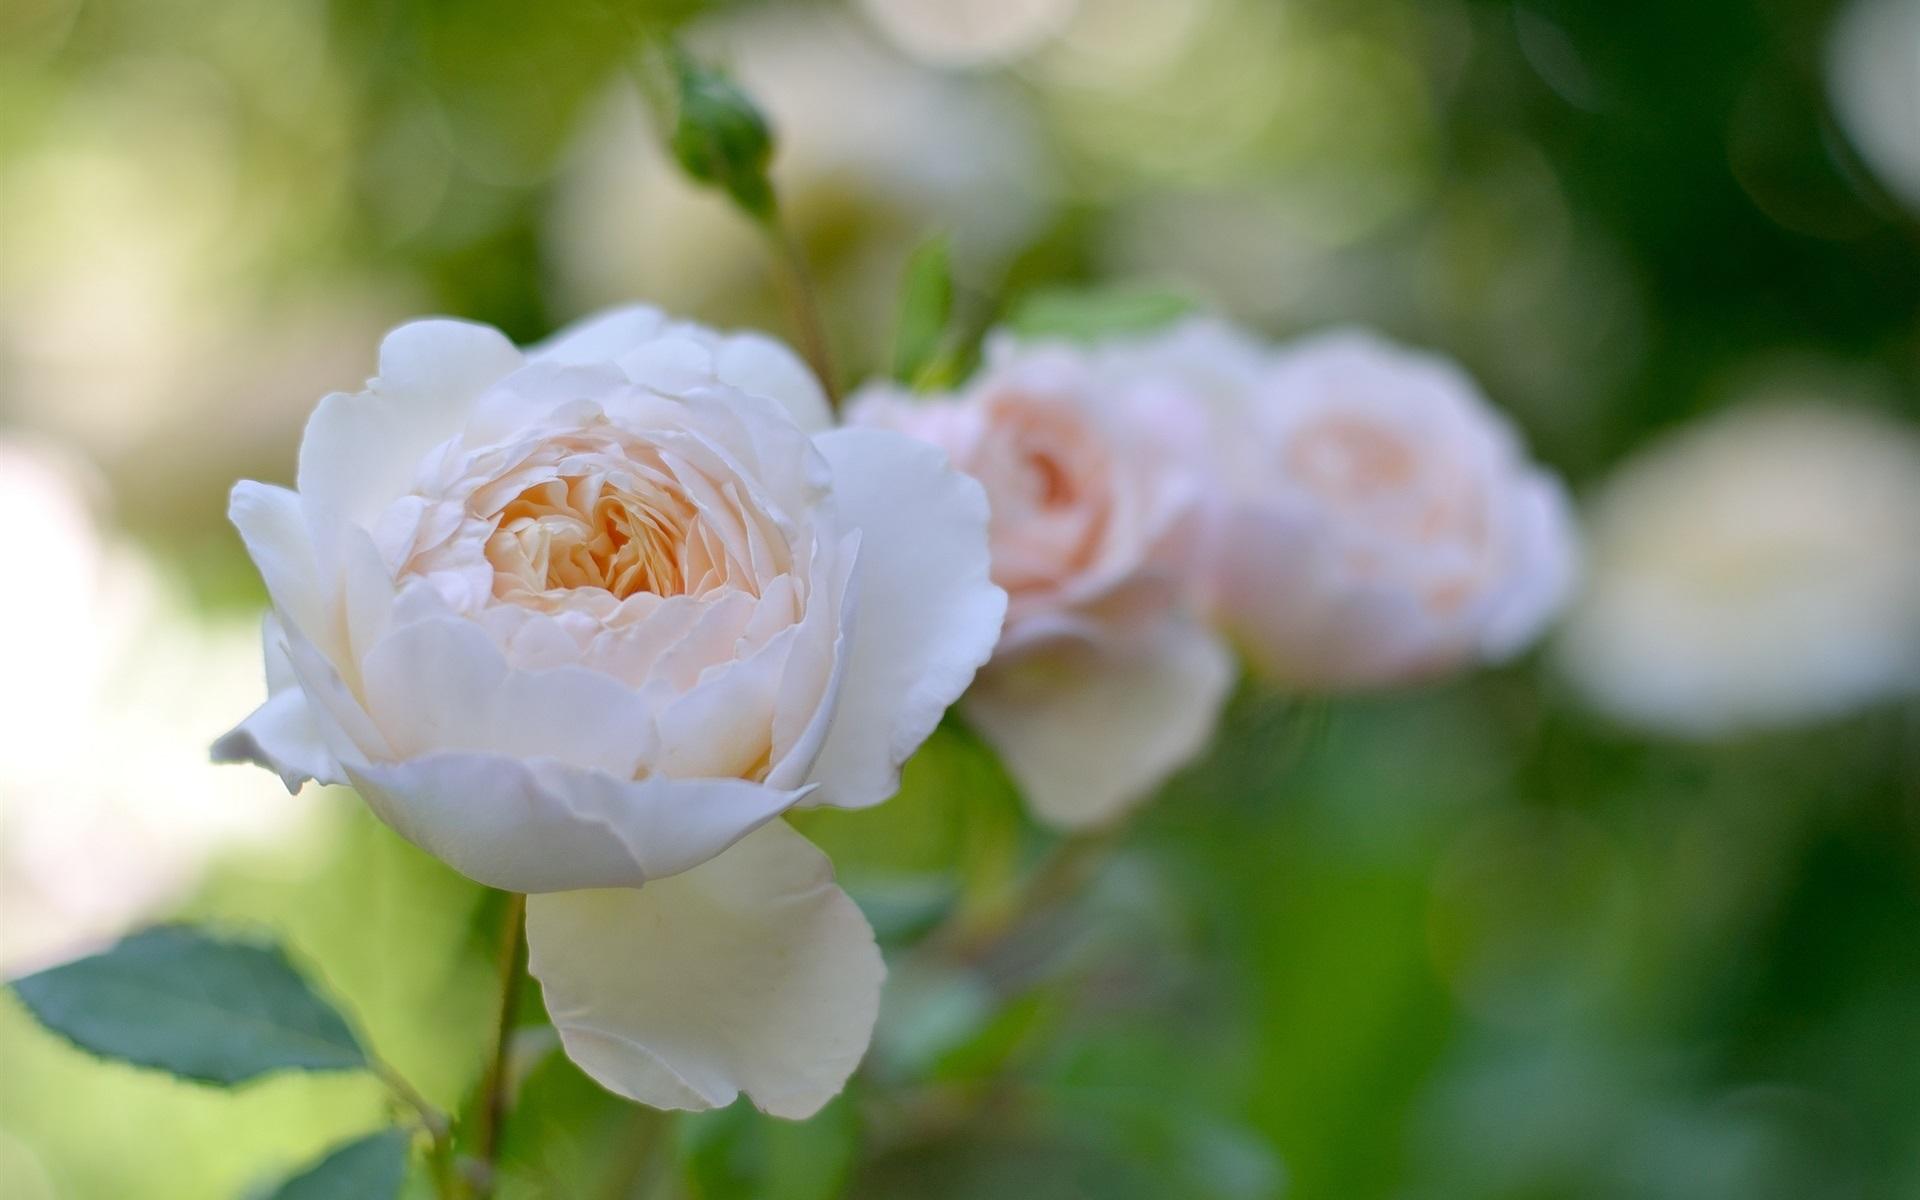 ダウンロード壁紙 1920x1200 白い花バラ、庭 HDのデスクトップの背景